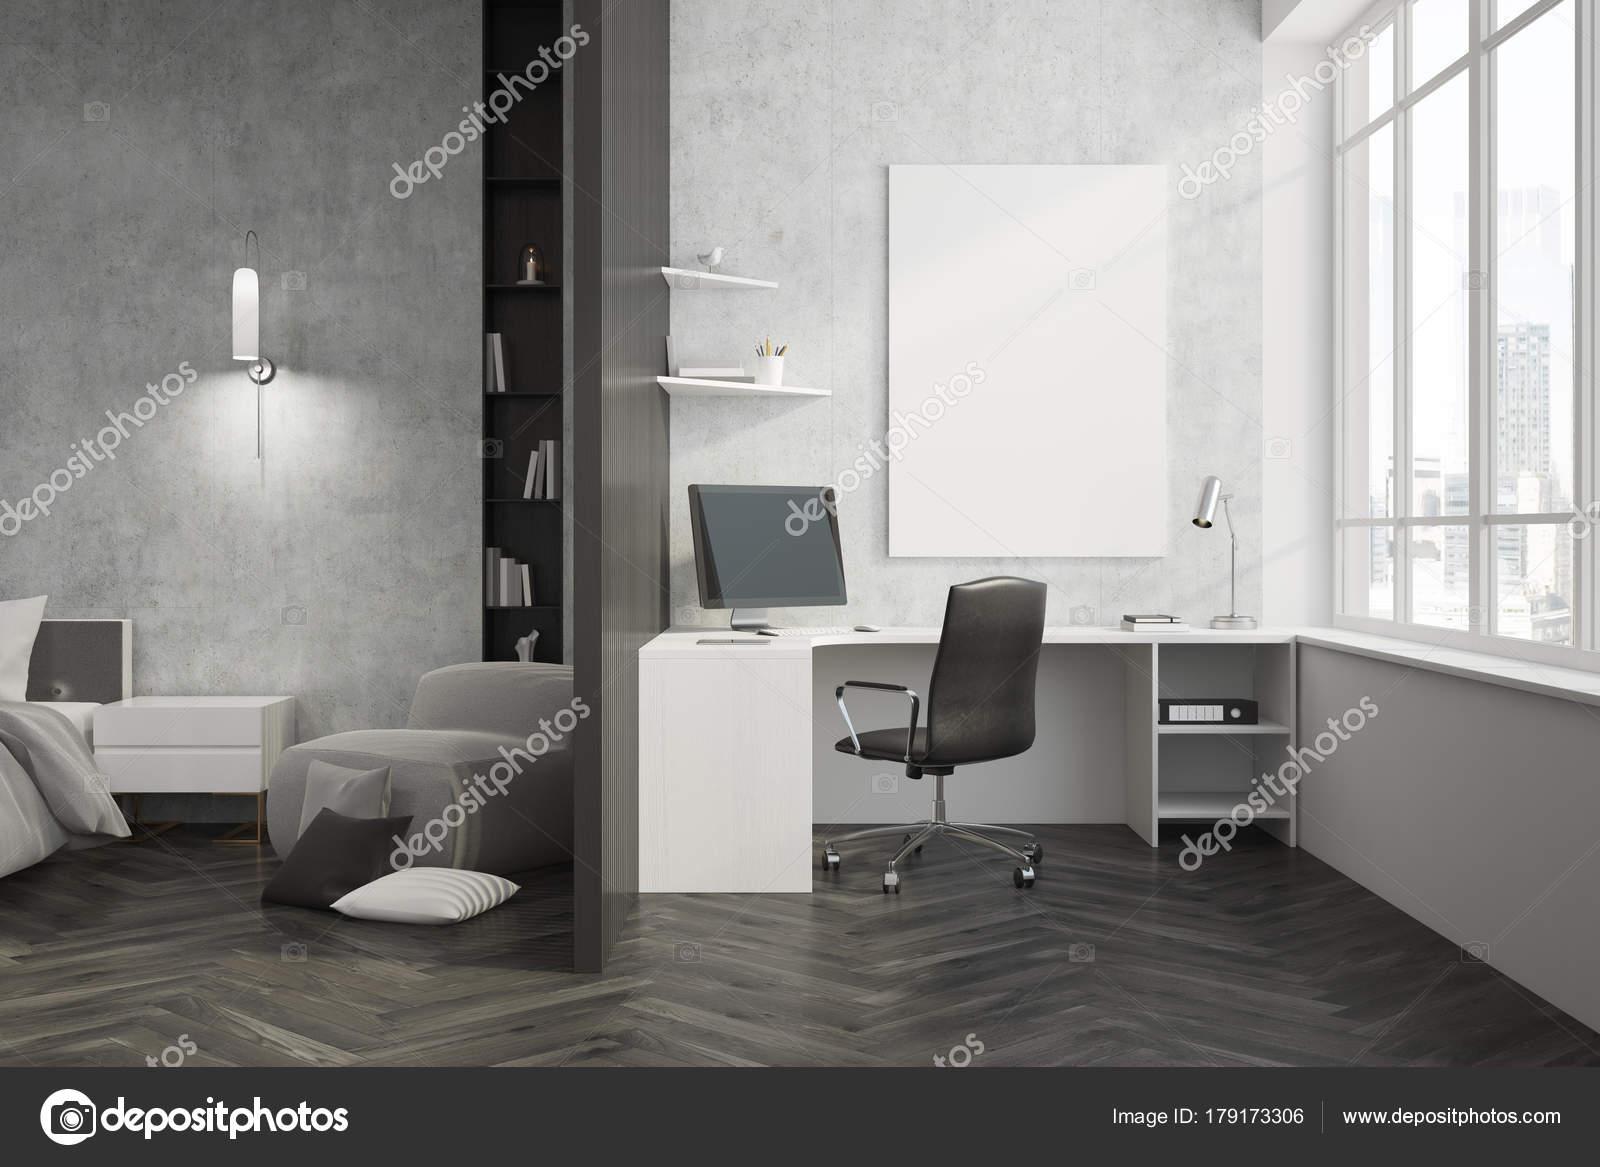 Beton In Interieur : Beton und schwarzem heimbüro interieur plakat u stockfoto